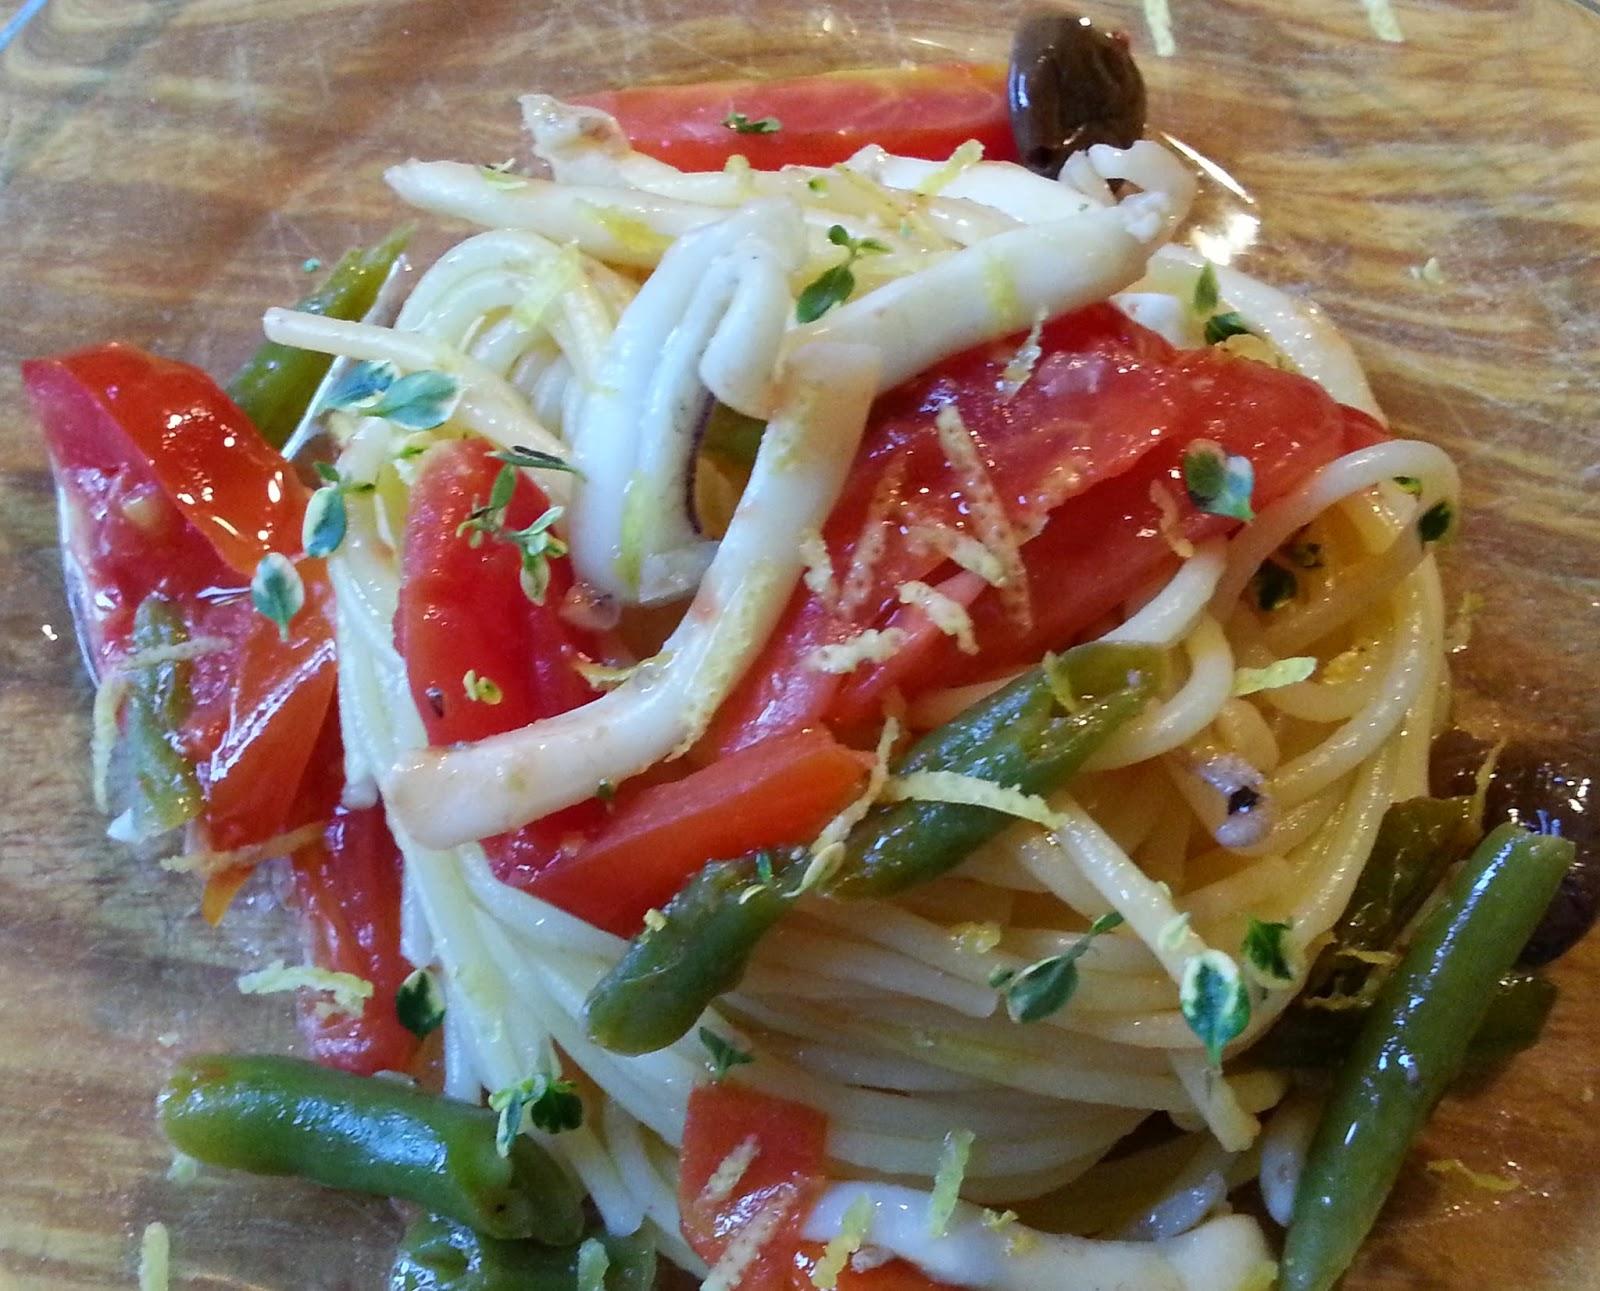 Fatemi cucinare spaghetti seppie e fagiolini - Cucinare i fagiolini ...